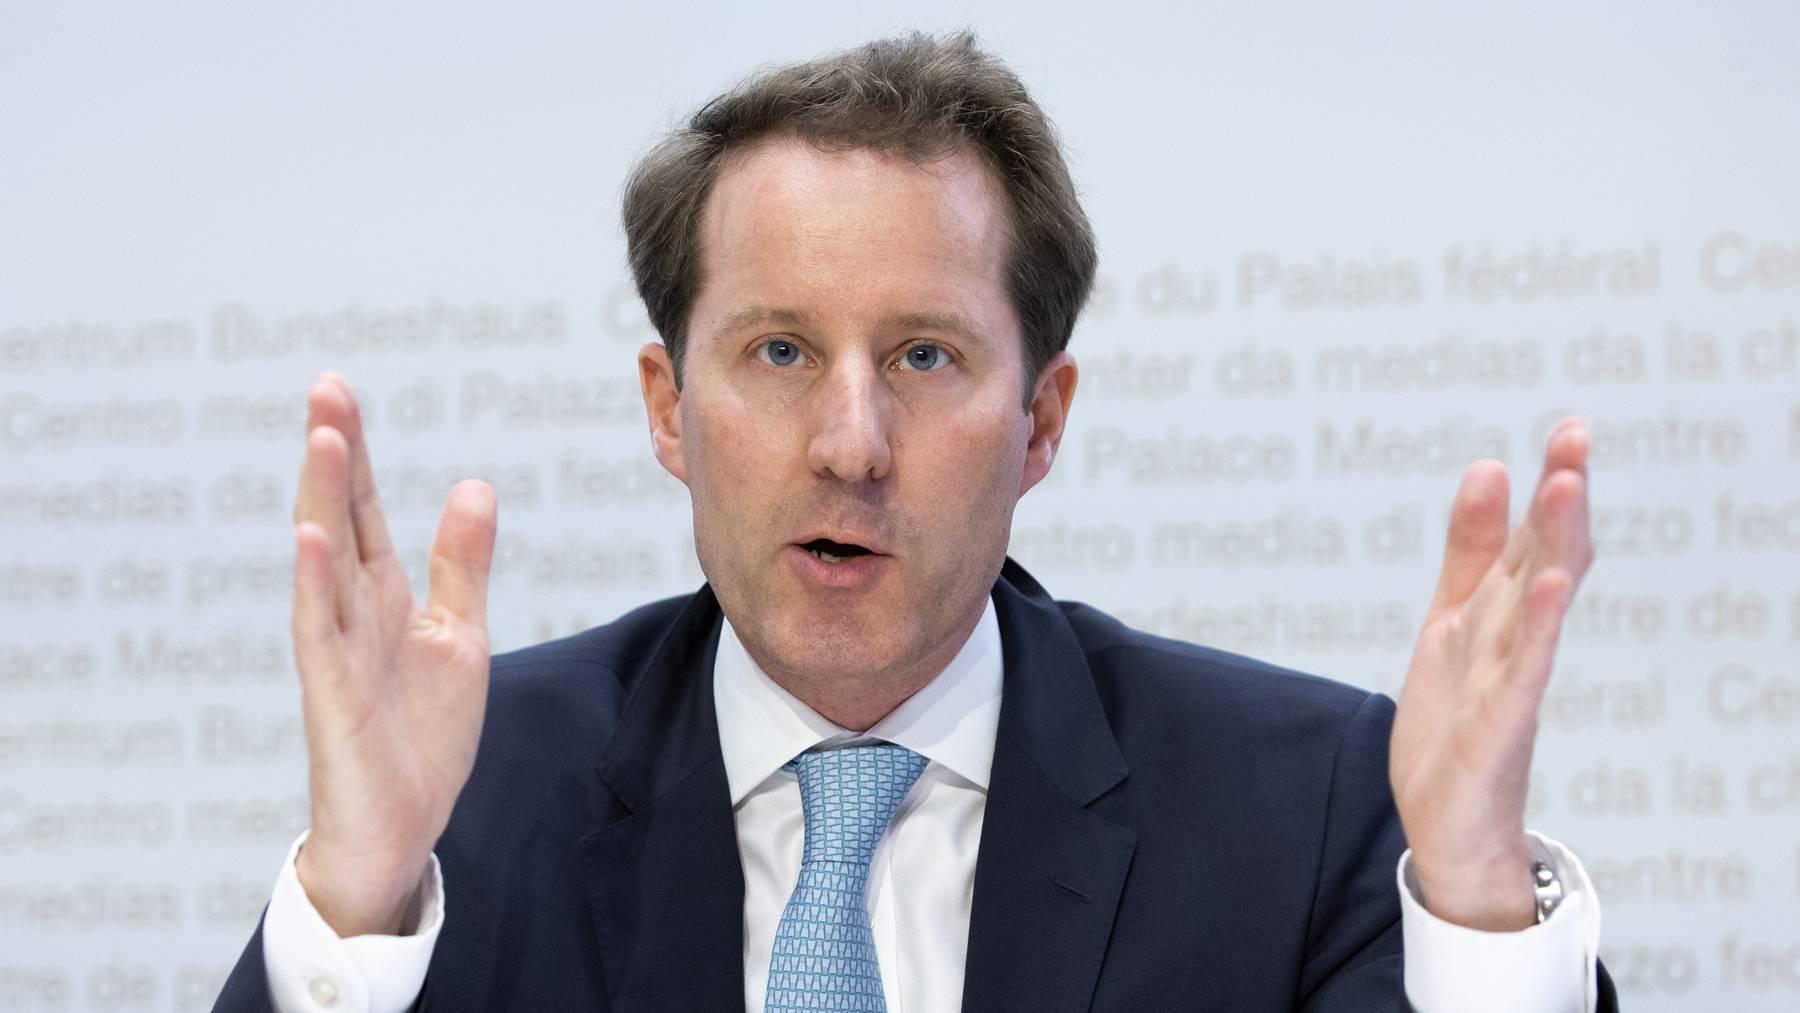 Thomas Aeschi, Fraktionspräsident der SVP und Mitglied der Gerichtskommission, lädt einen SVP-Bundesrichter zur Anhörung vor.